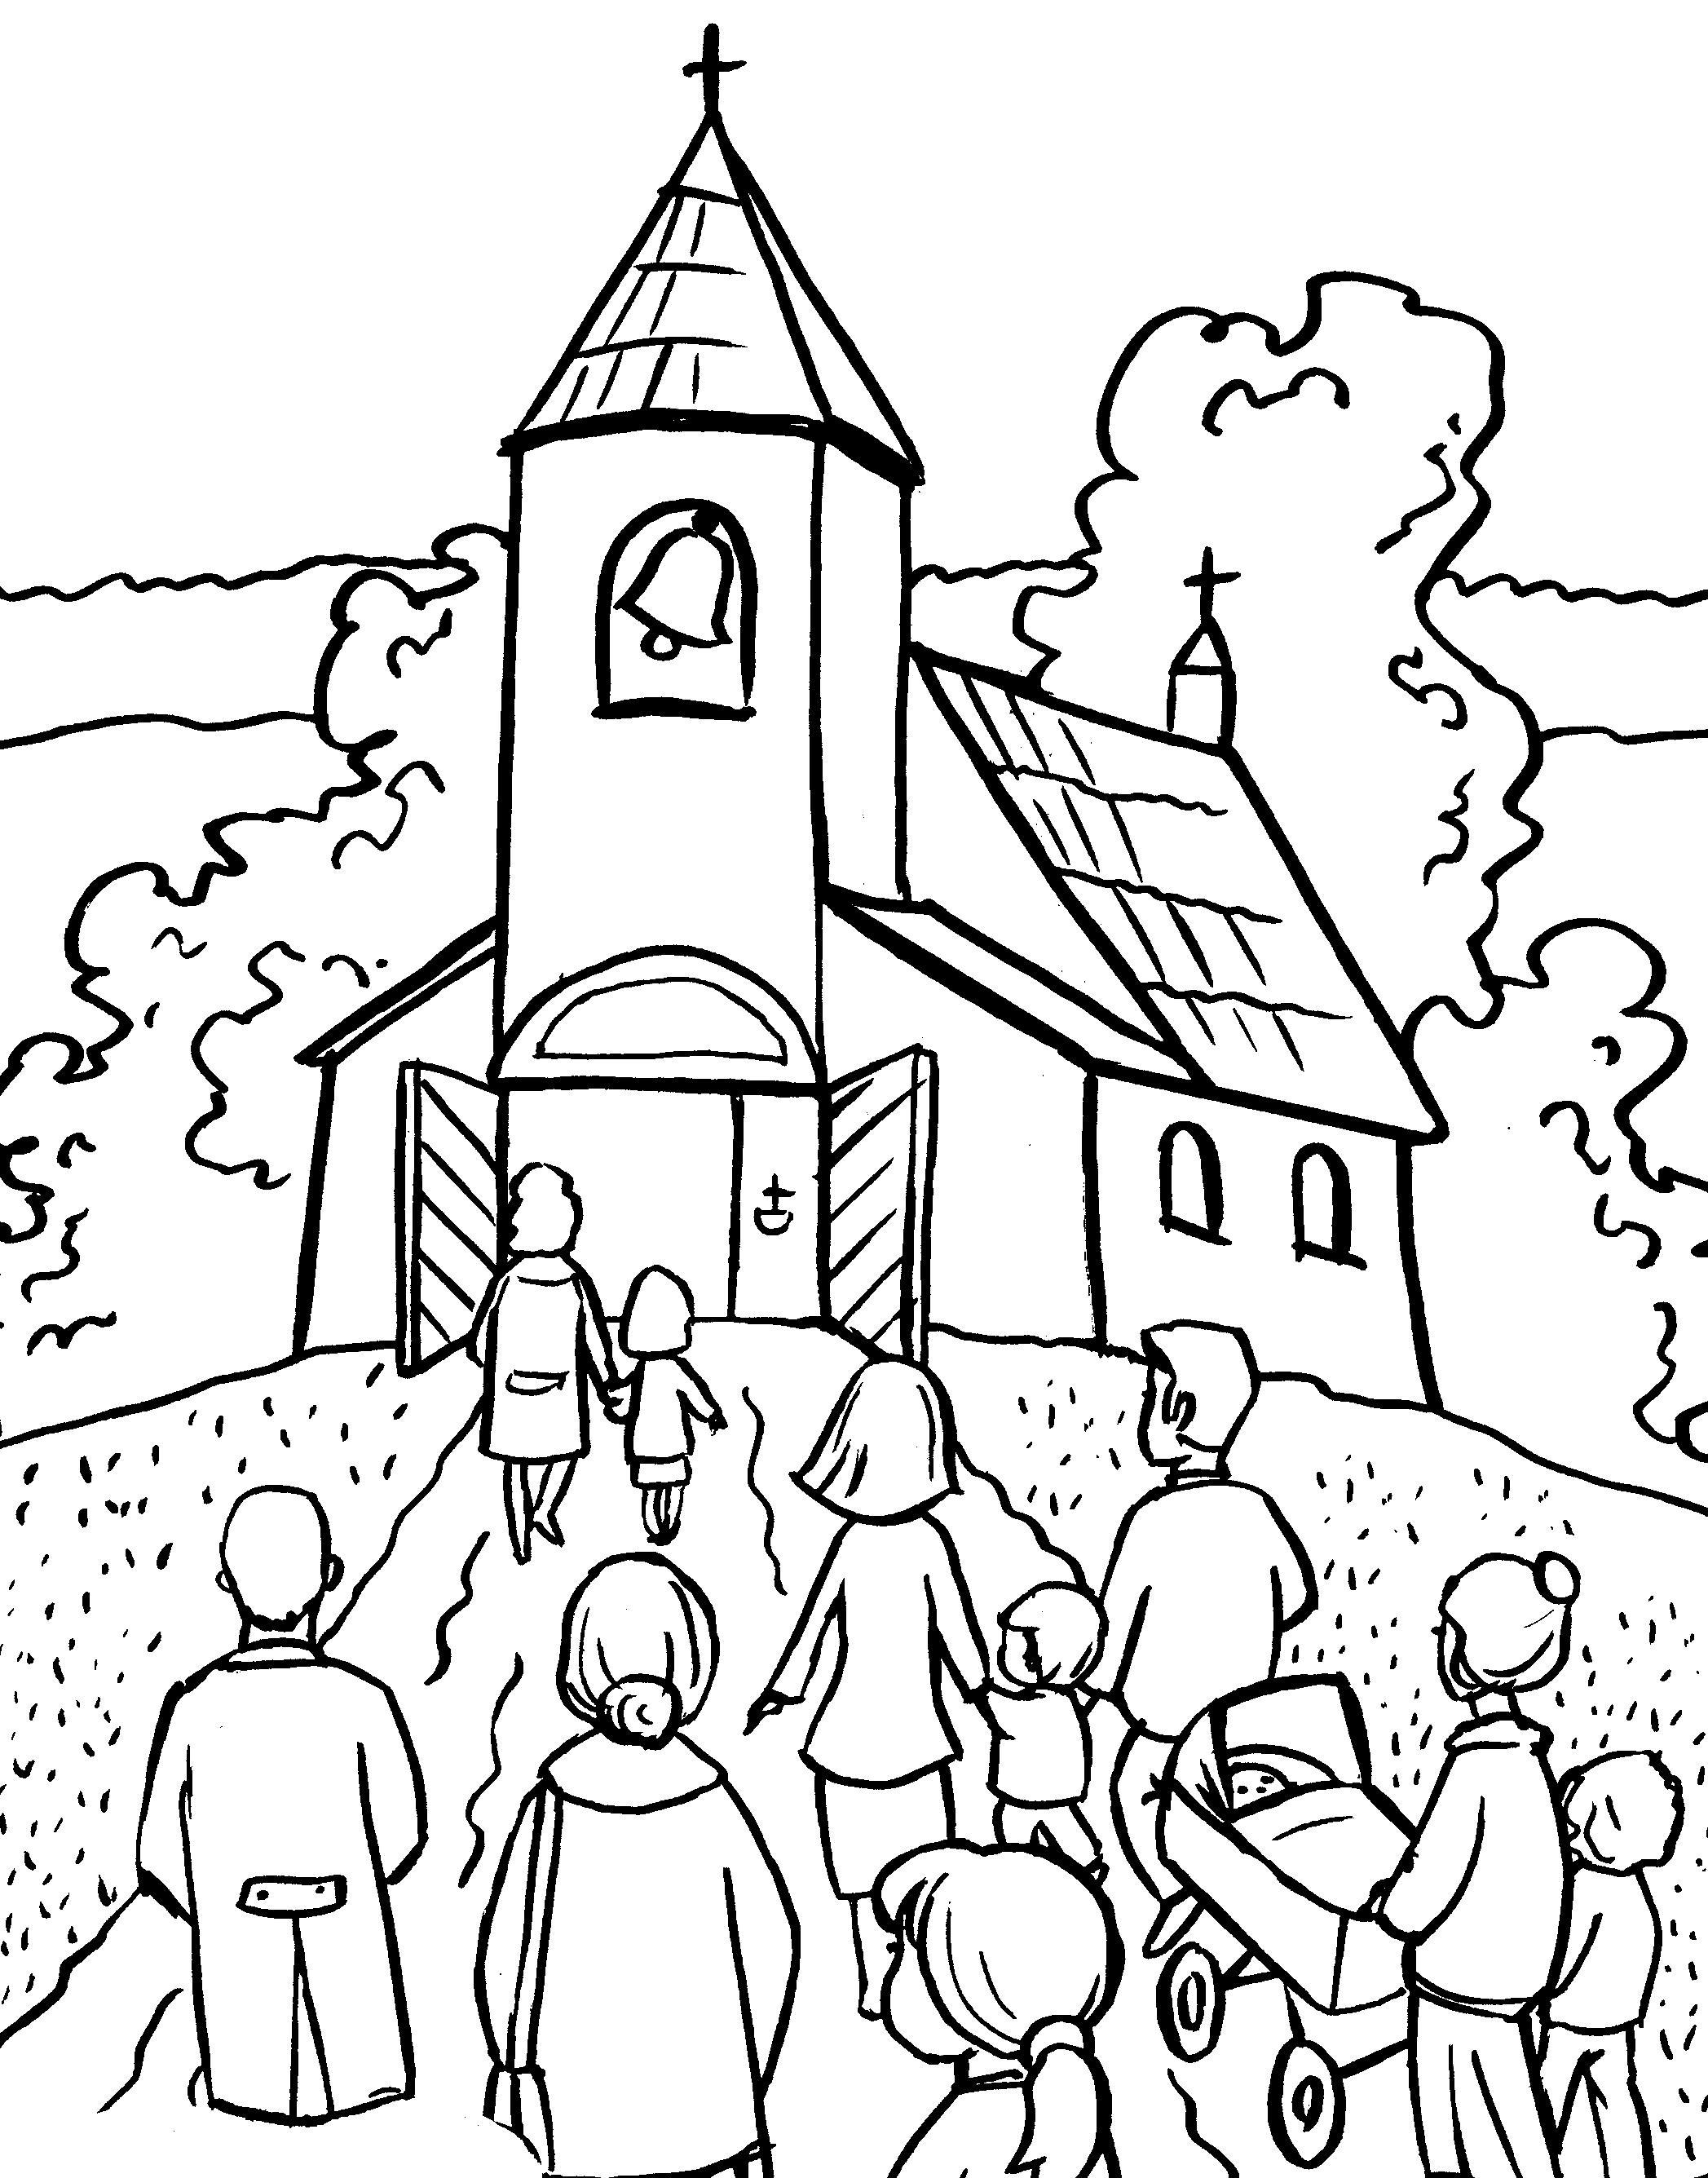 Znalezione obrazy dla zapytania kościół kolorowanka